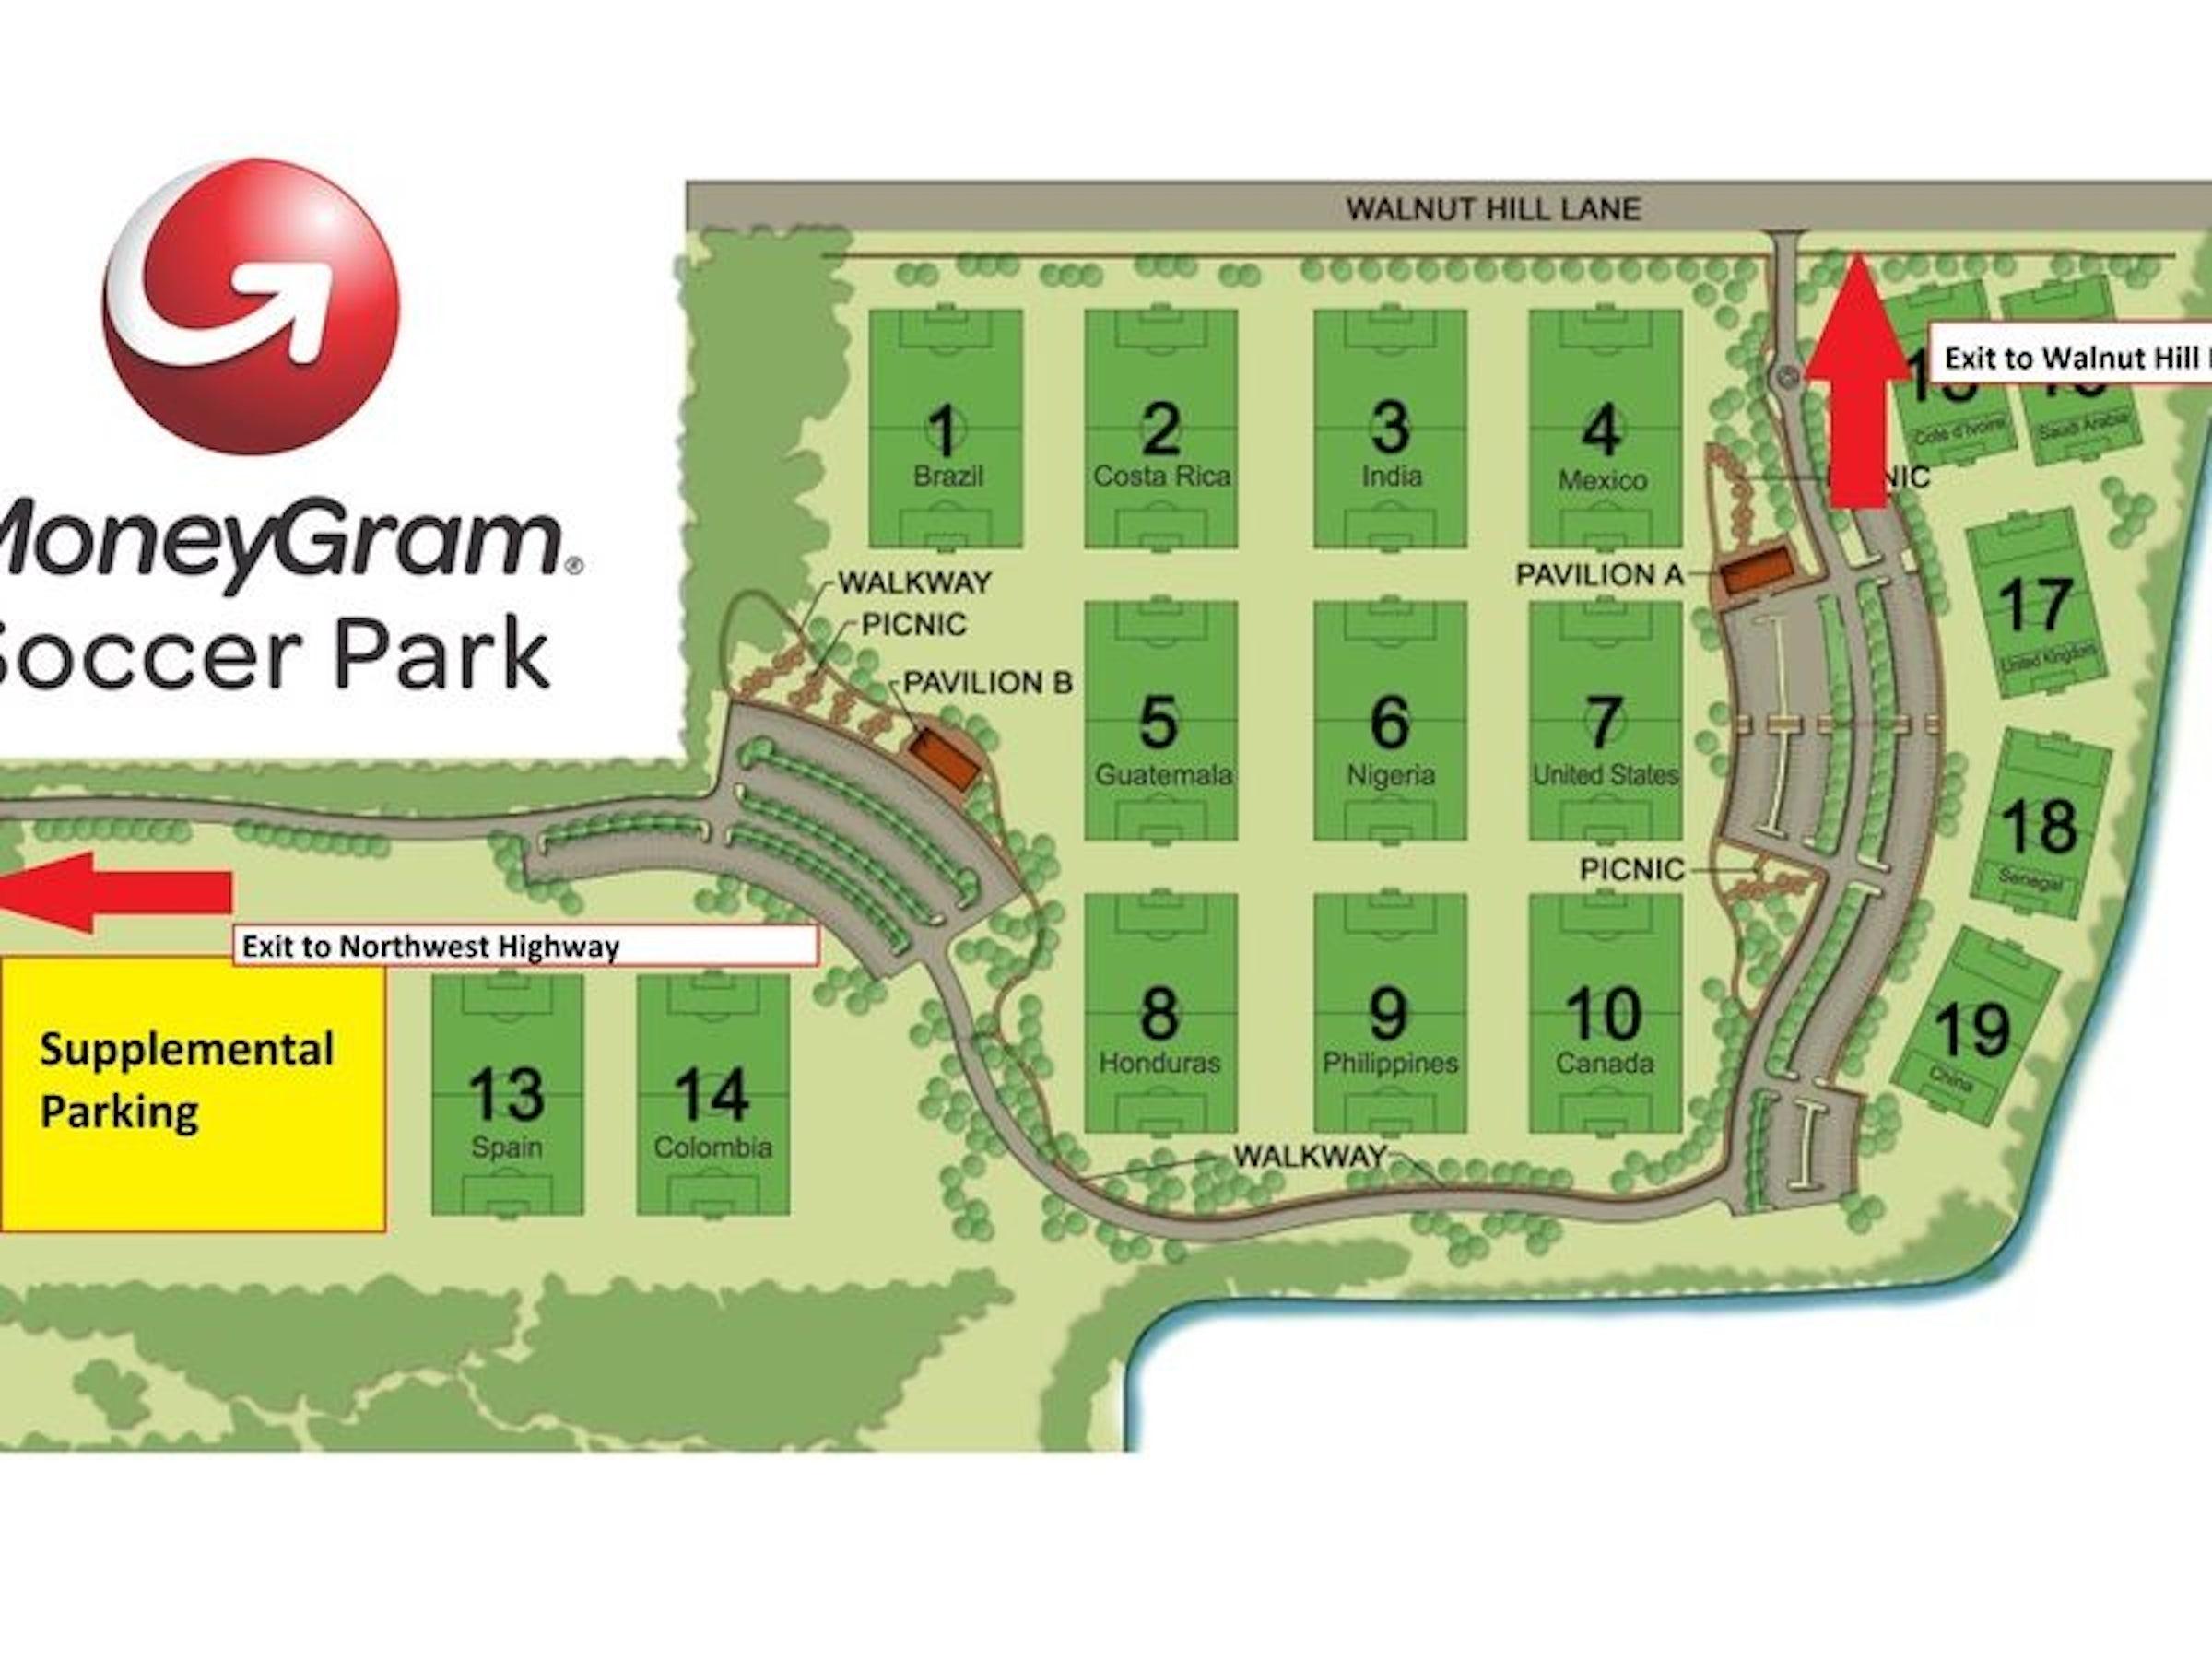 MoneyGram Soccer Park